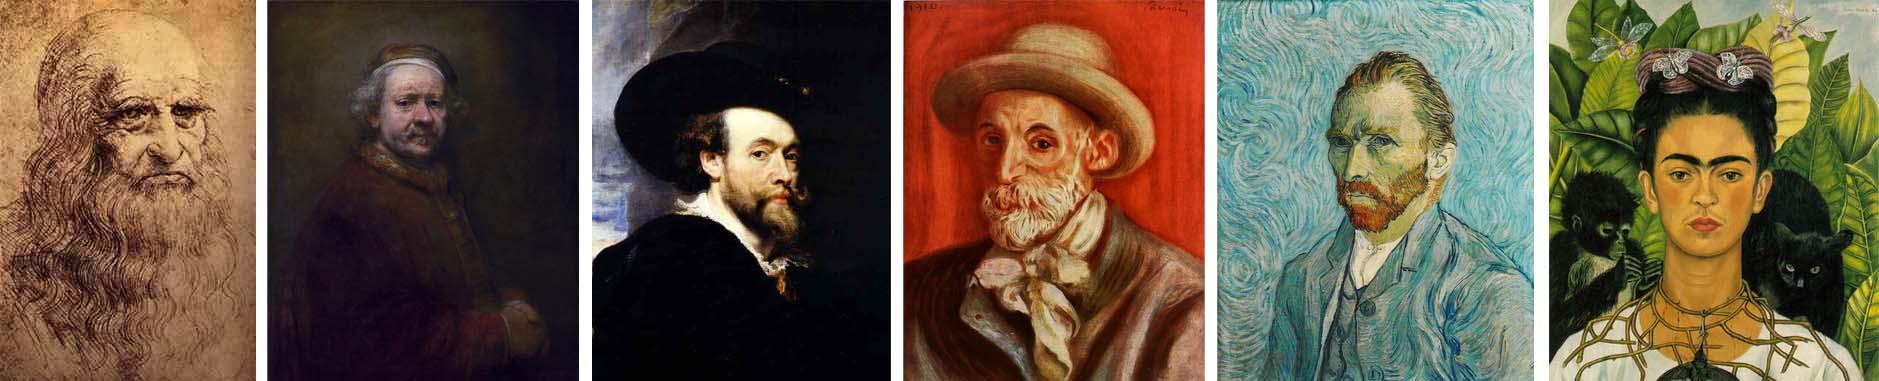 pintura auto retratos A Fotografia e a Moda das Selfies ou a evolução do Auto Retrato